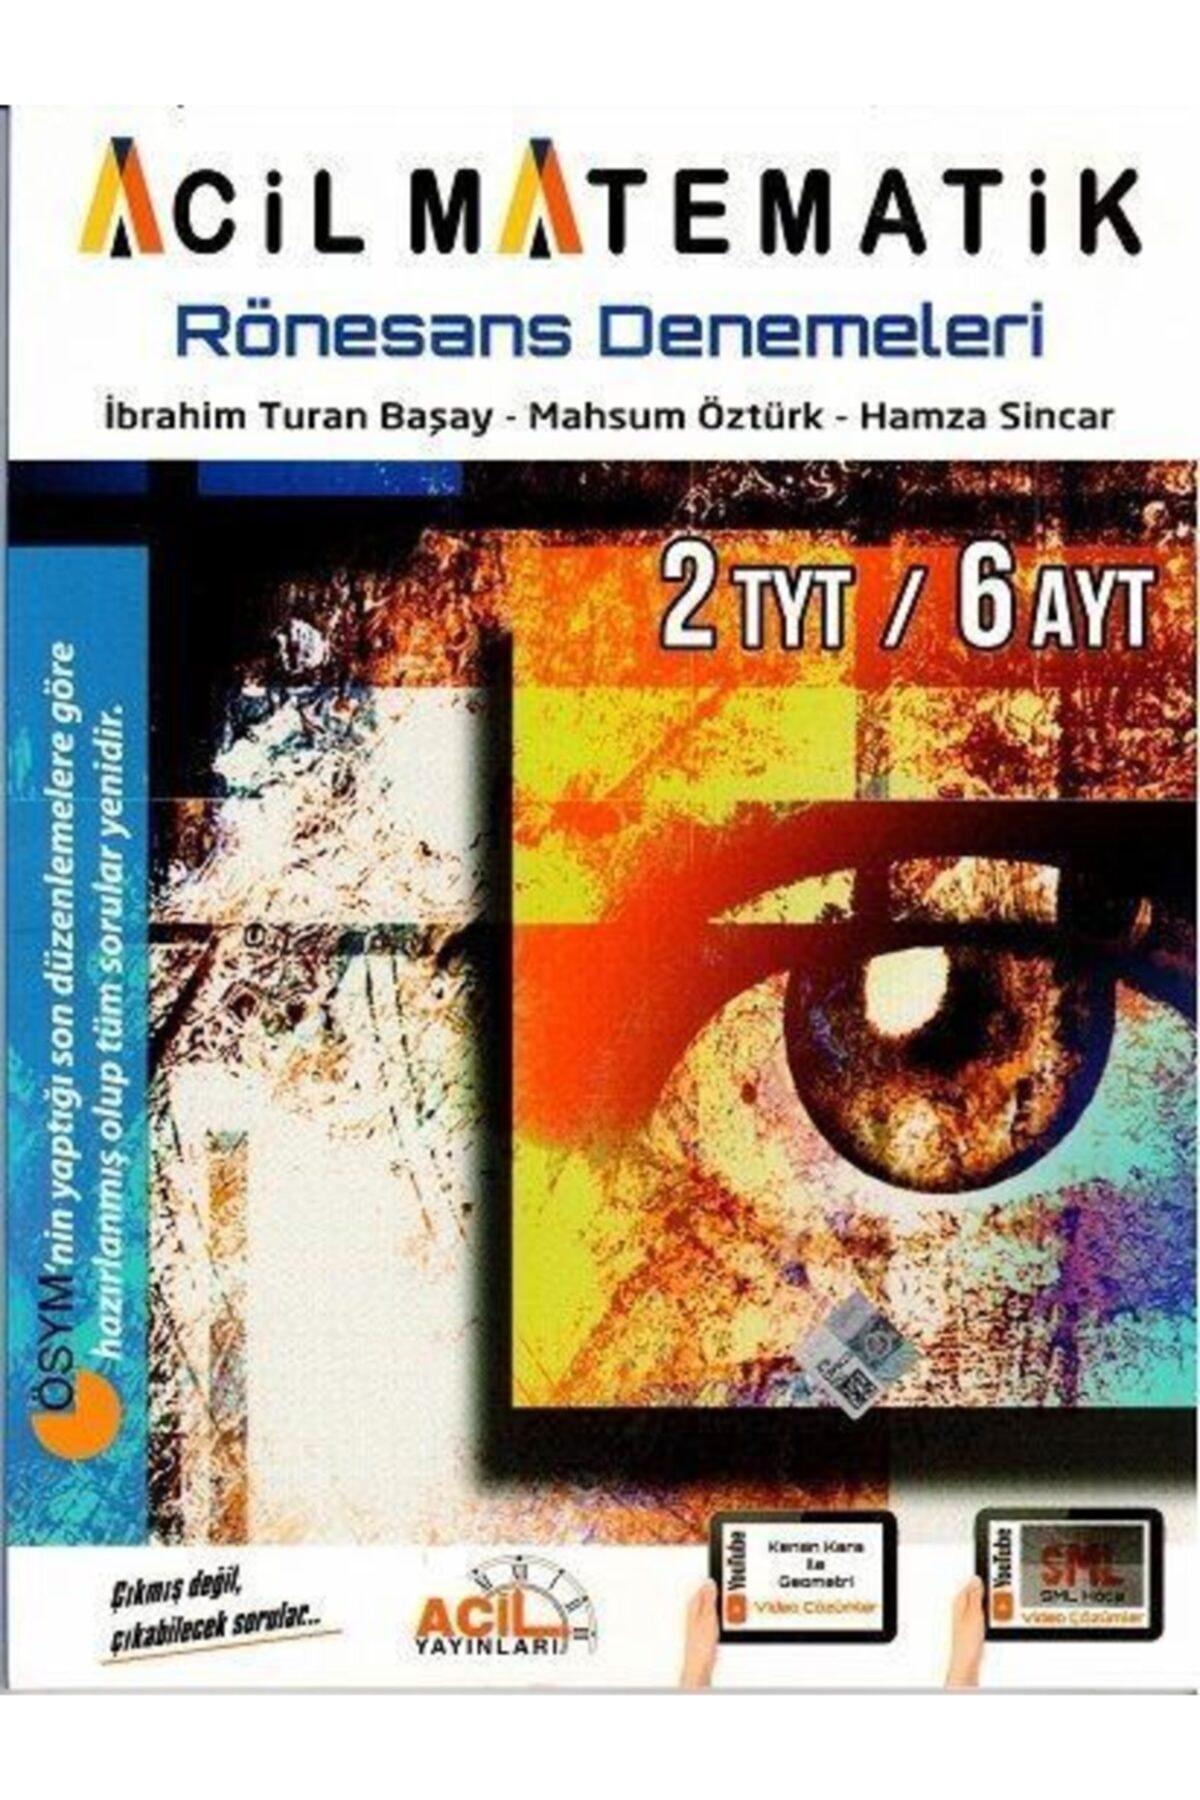 Acil Yayınları Tyt Ayt Acil Matematik Rönesans Denemeleri 2020 2